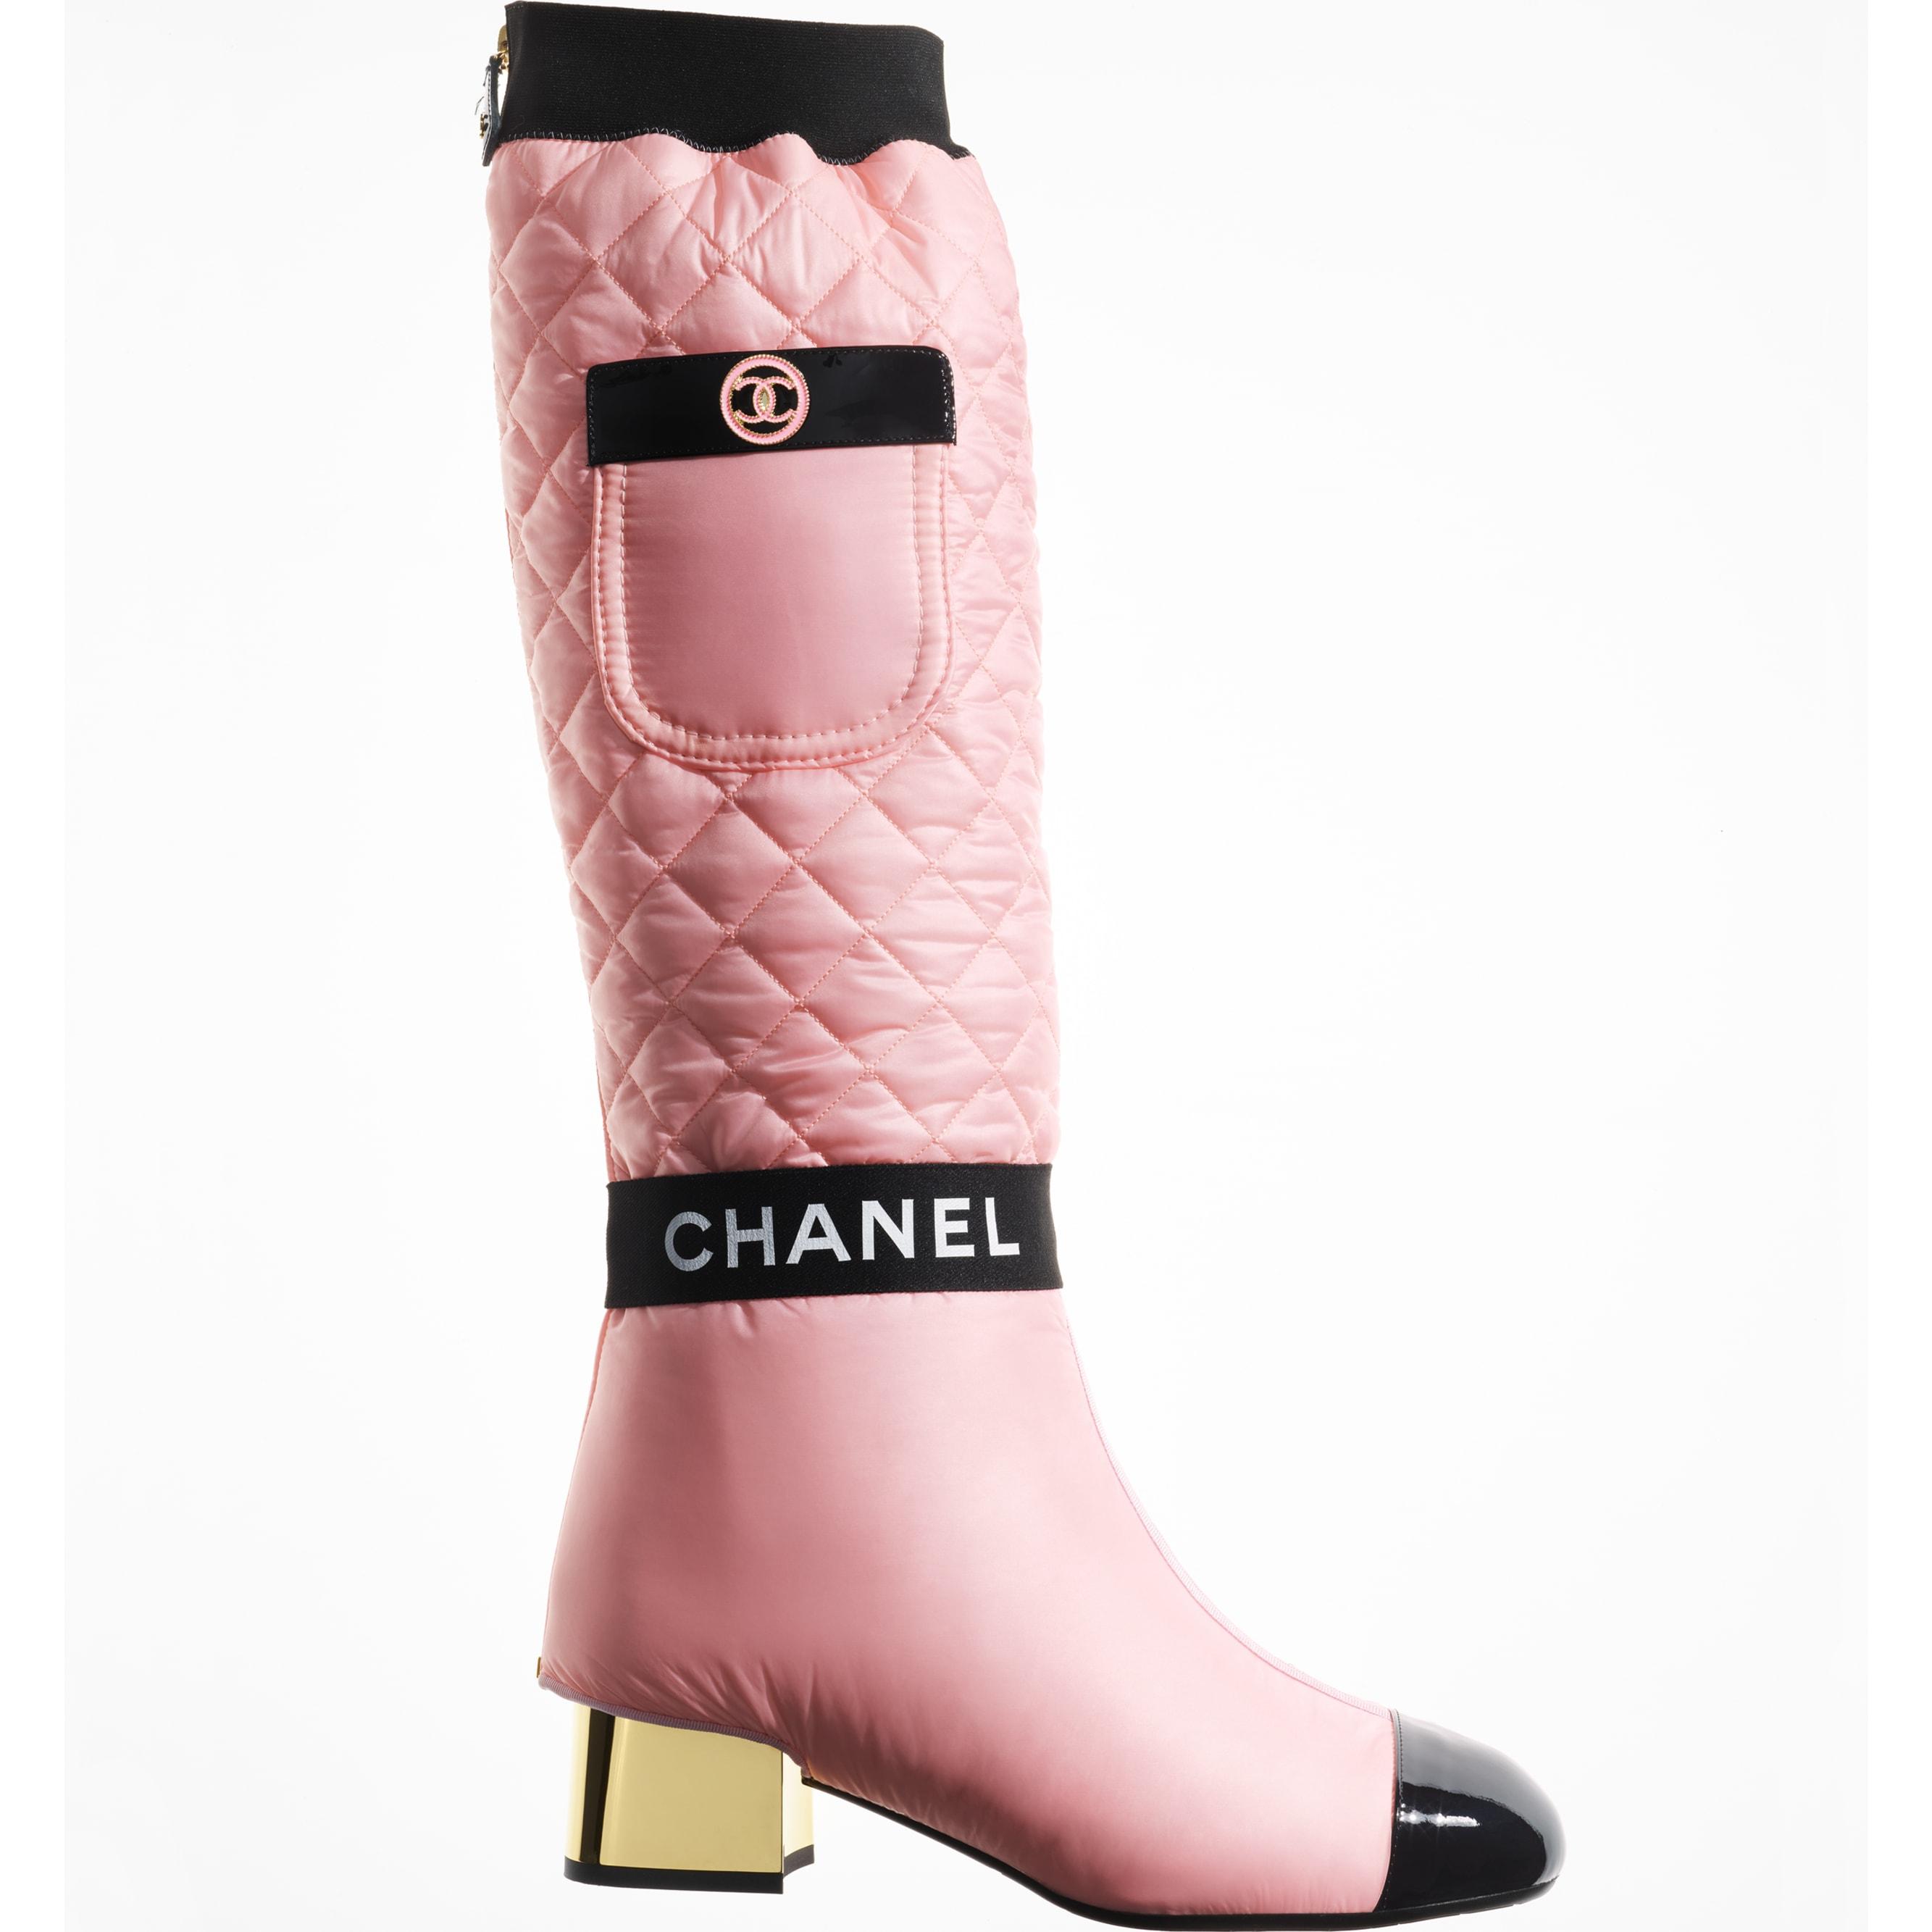 Stivali - Rosa chiaro, rosa & nero - Tessuto, pelle di agnello & pelle verniciata - CHANEL - vista artistica 1